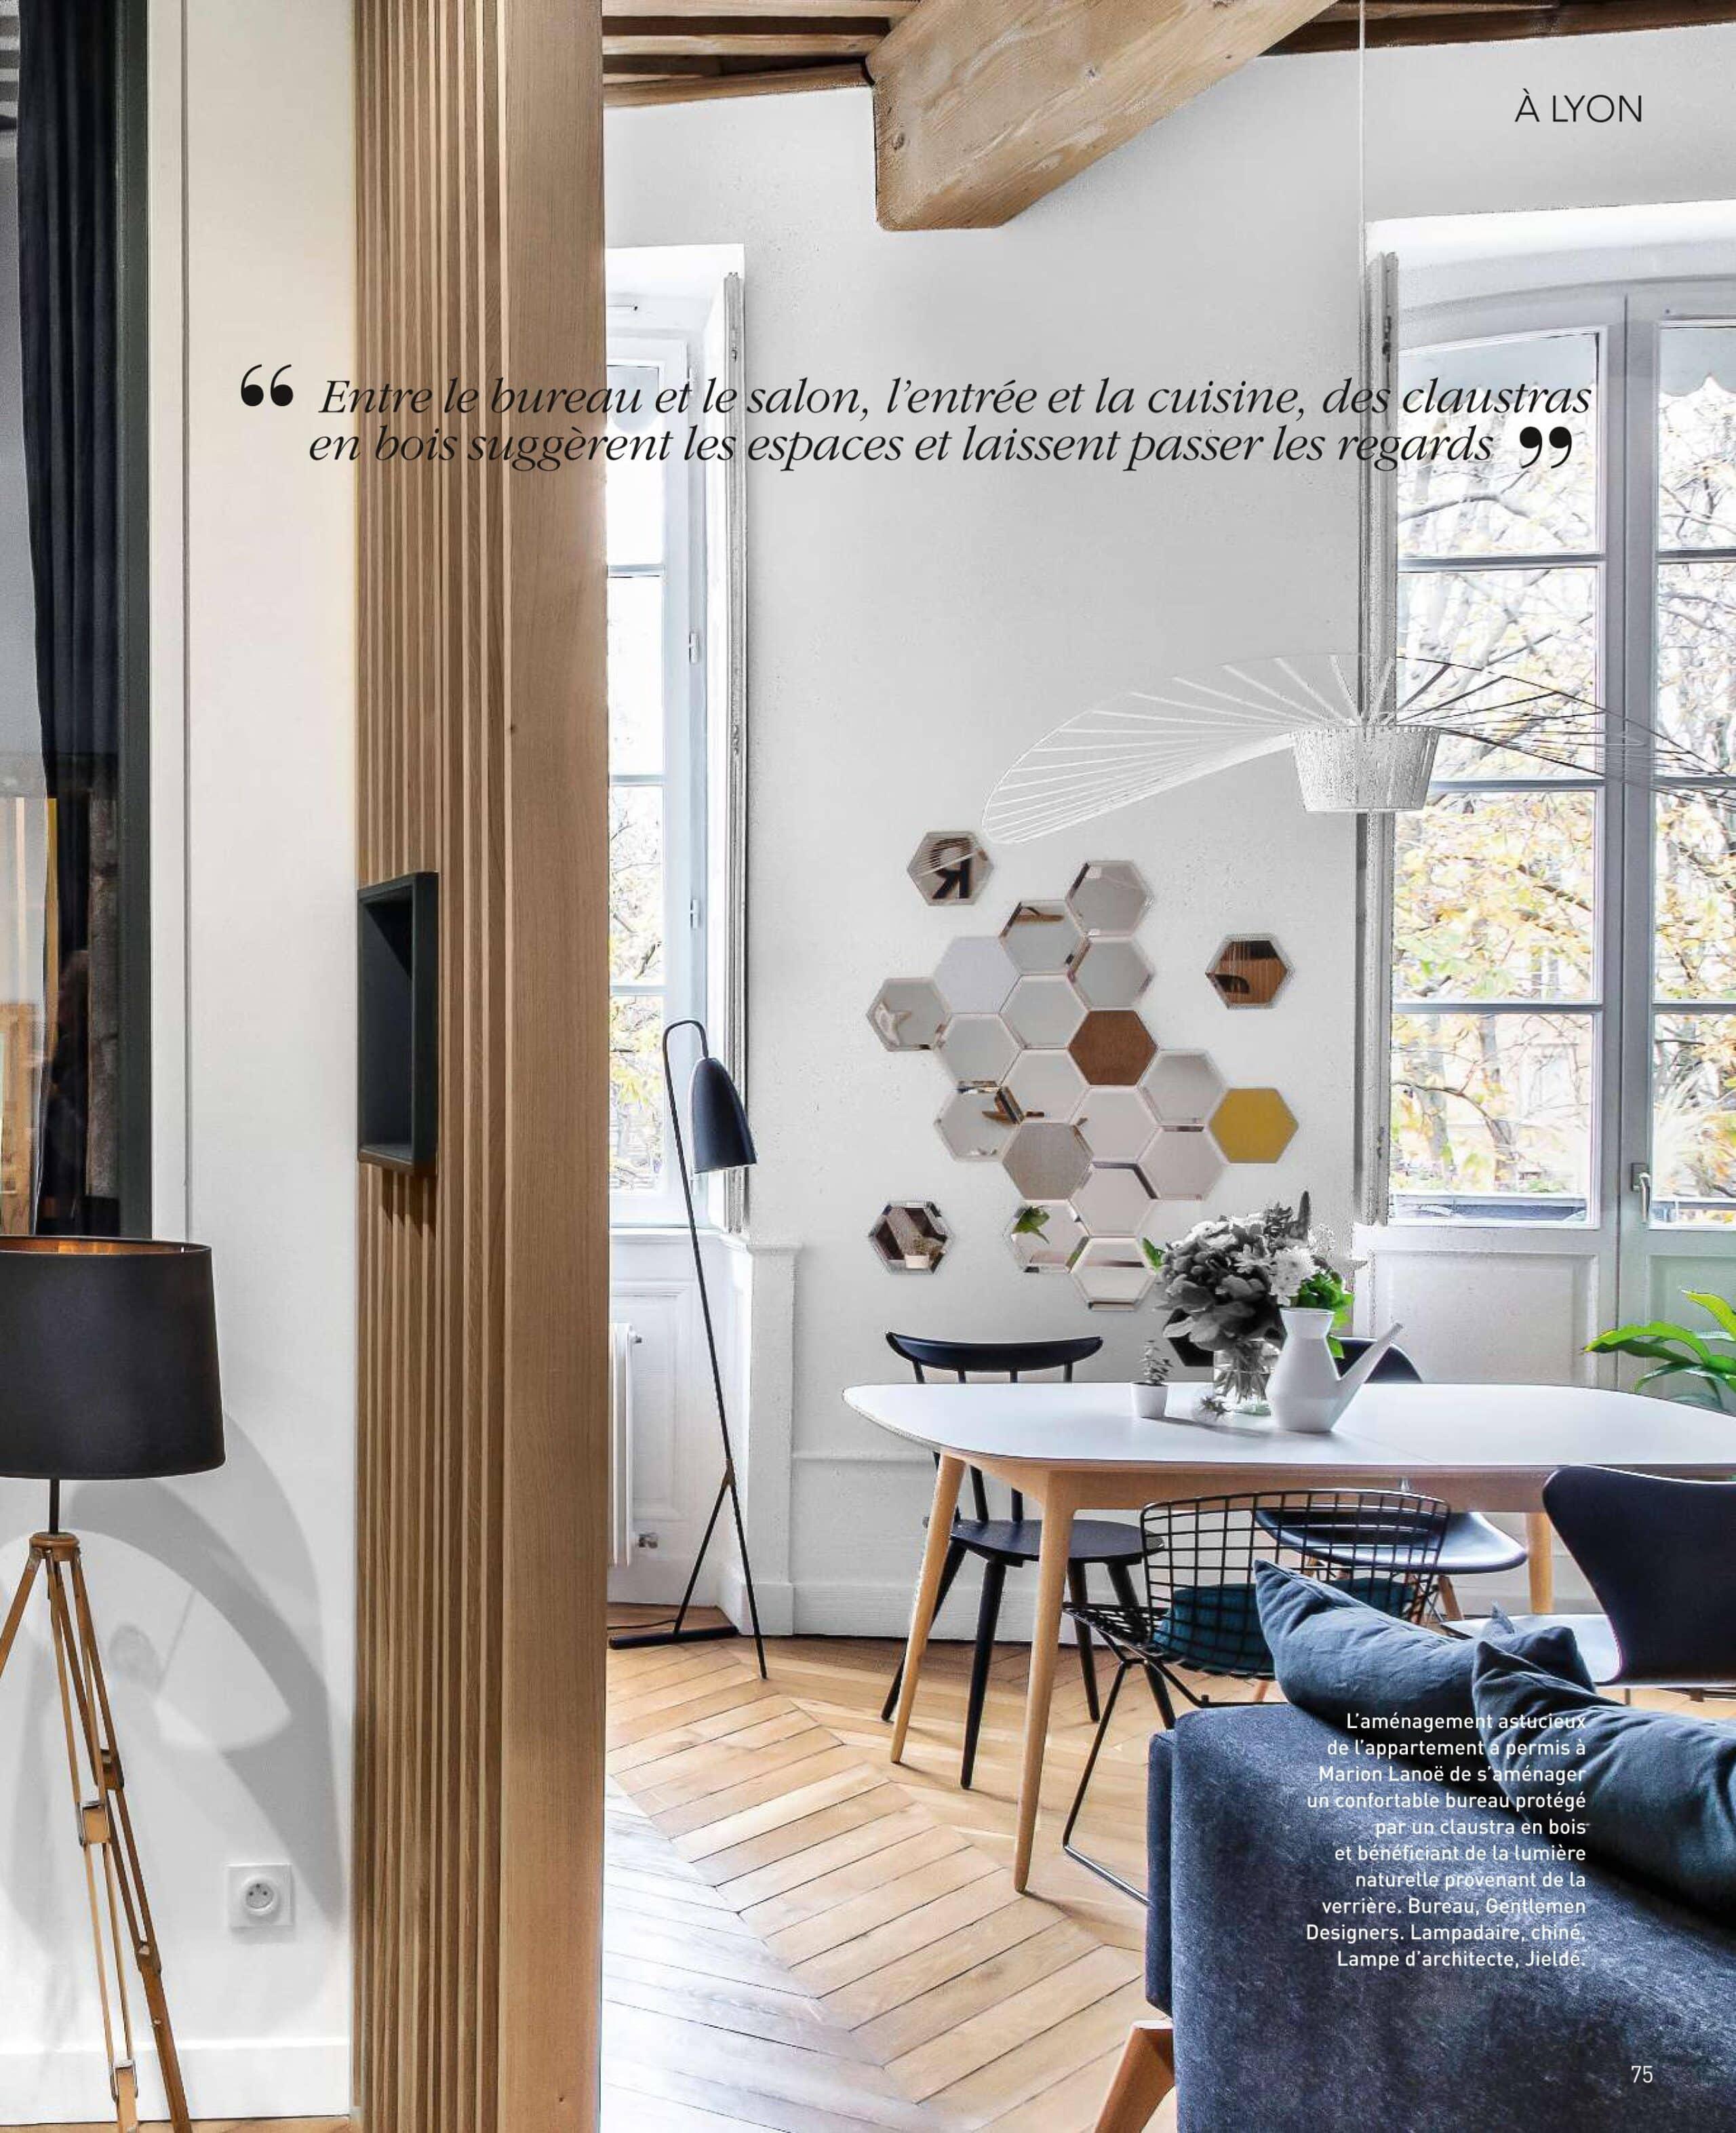 Presse actus architecture d 39 int rieur d co lyon for Formation decoration interieur lyon